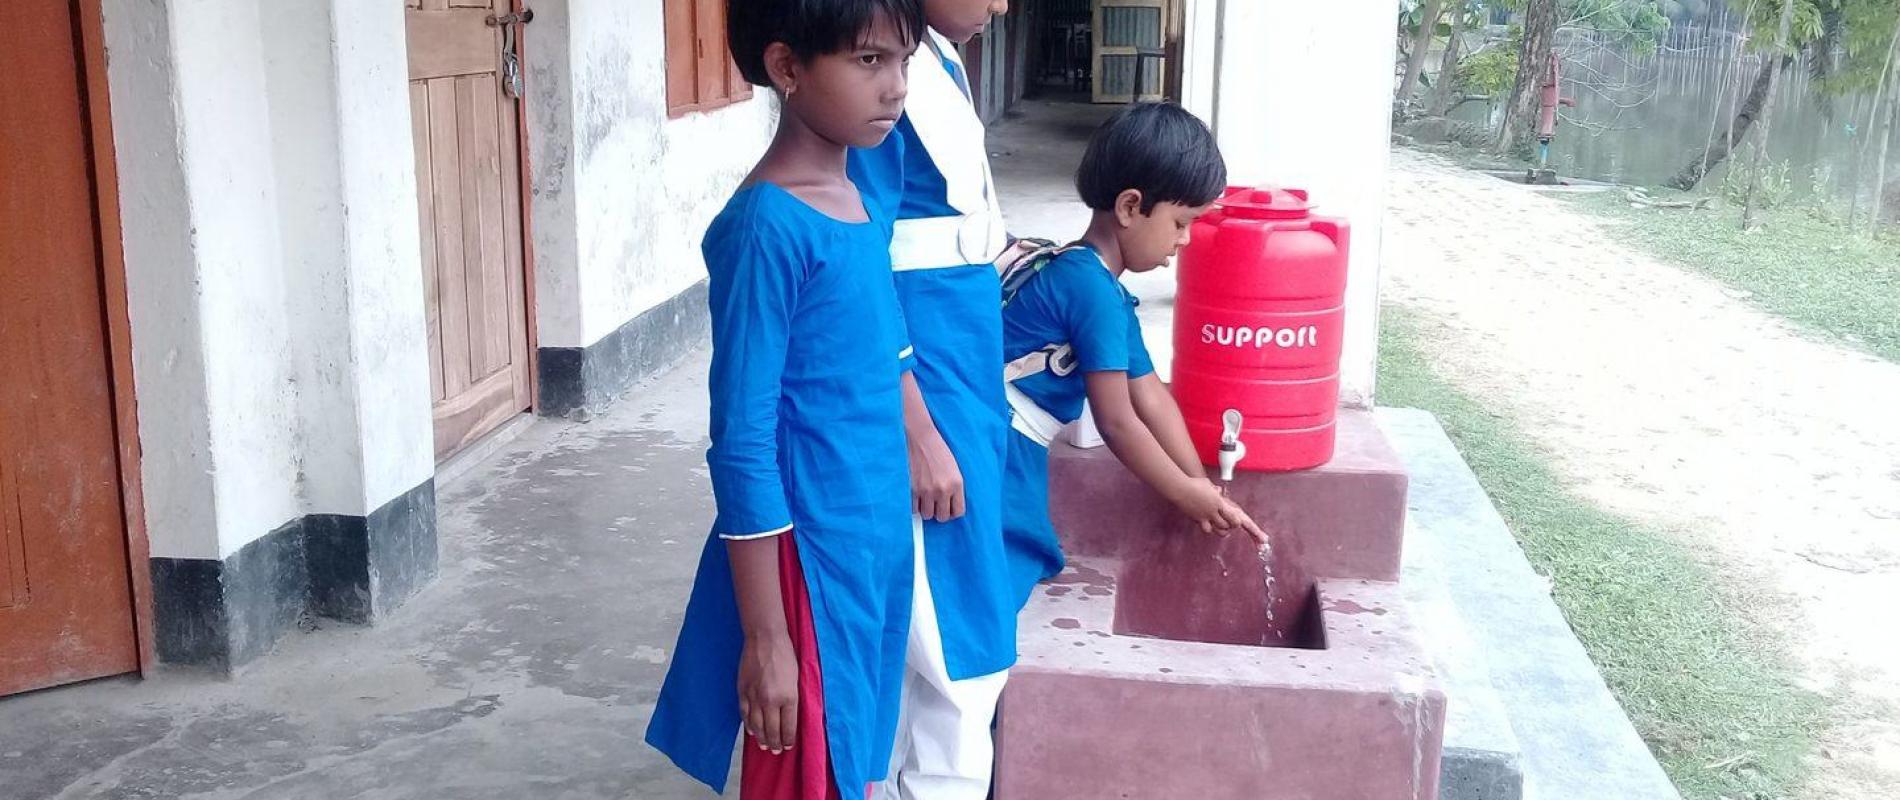 Aswas bangladesh (6)